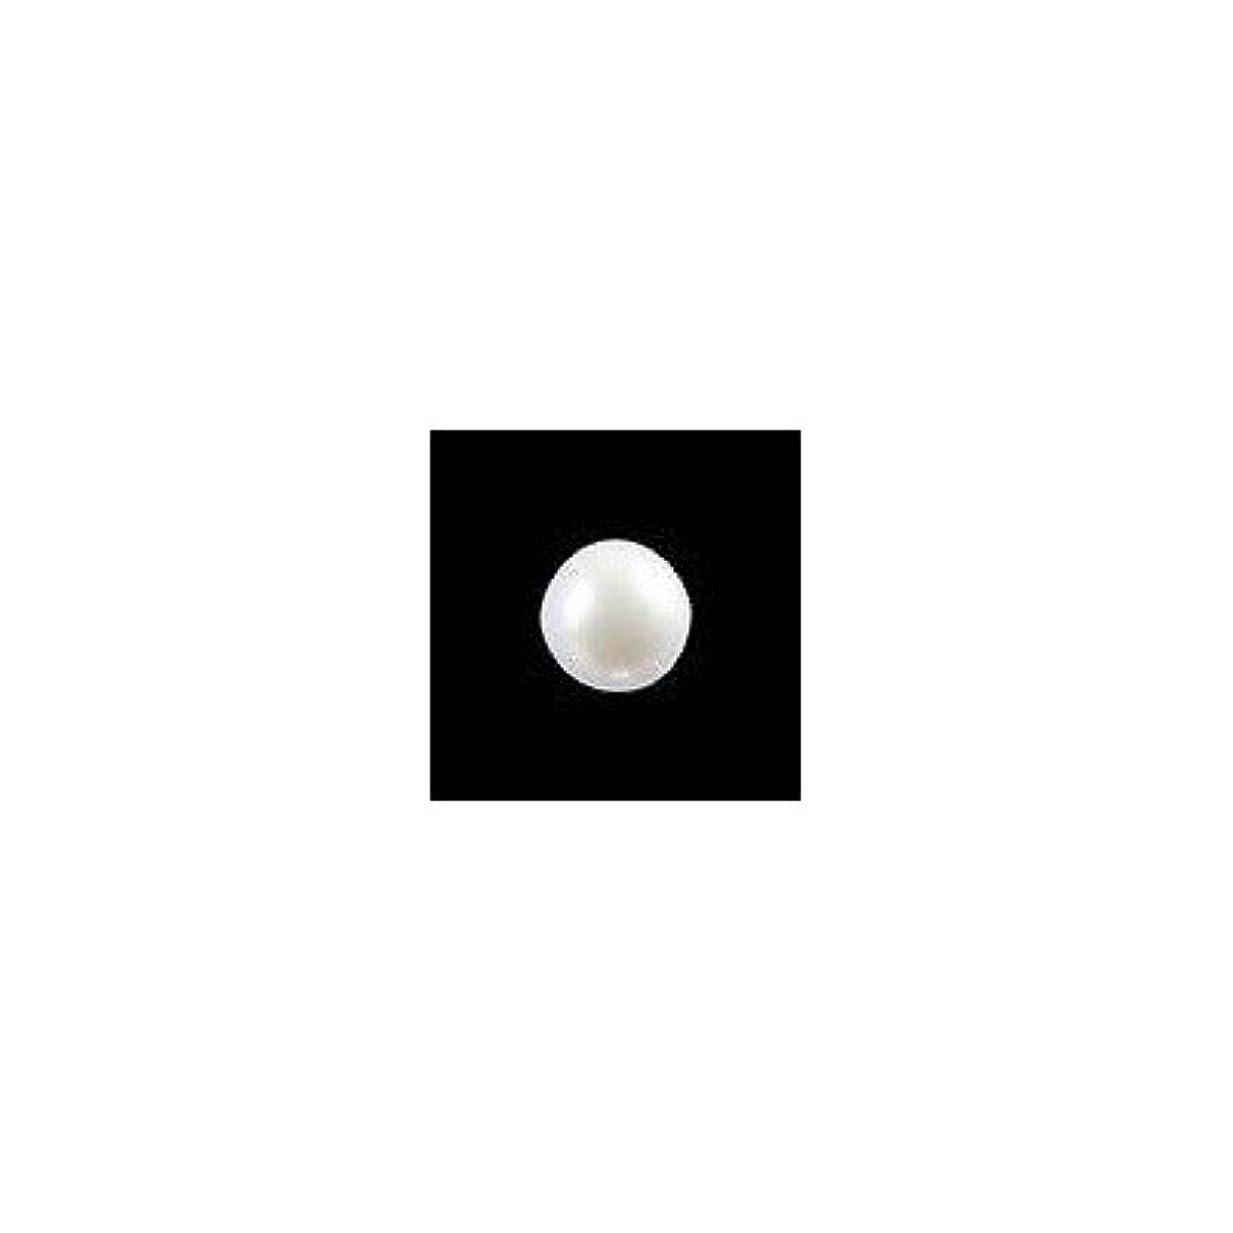 情緒的ナイロンダンプピアドラ 大粒パール ラウンド(4mm)24P